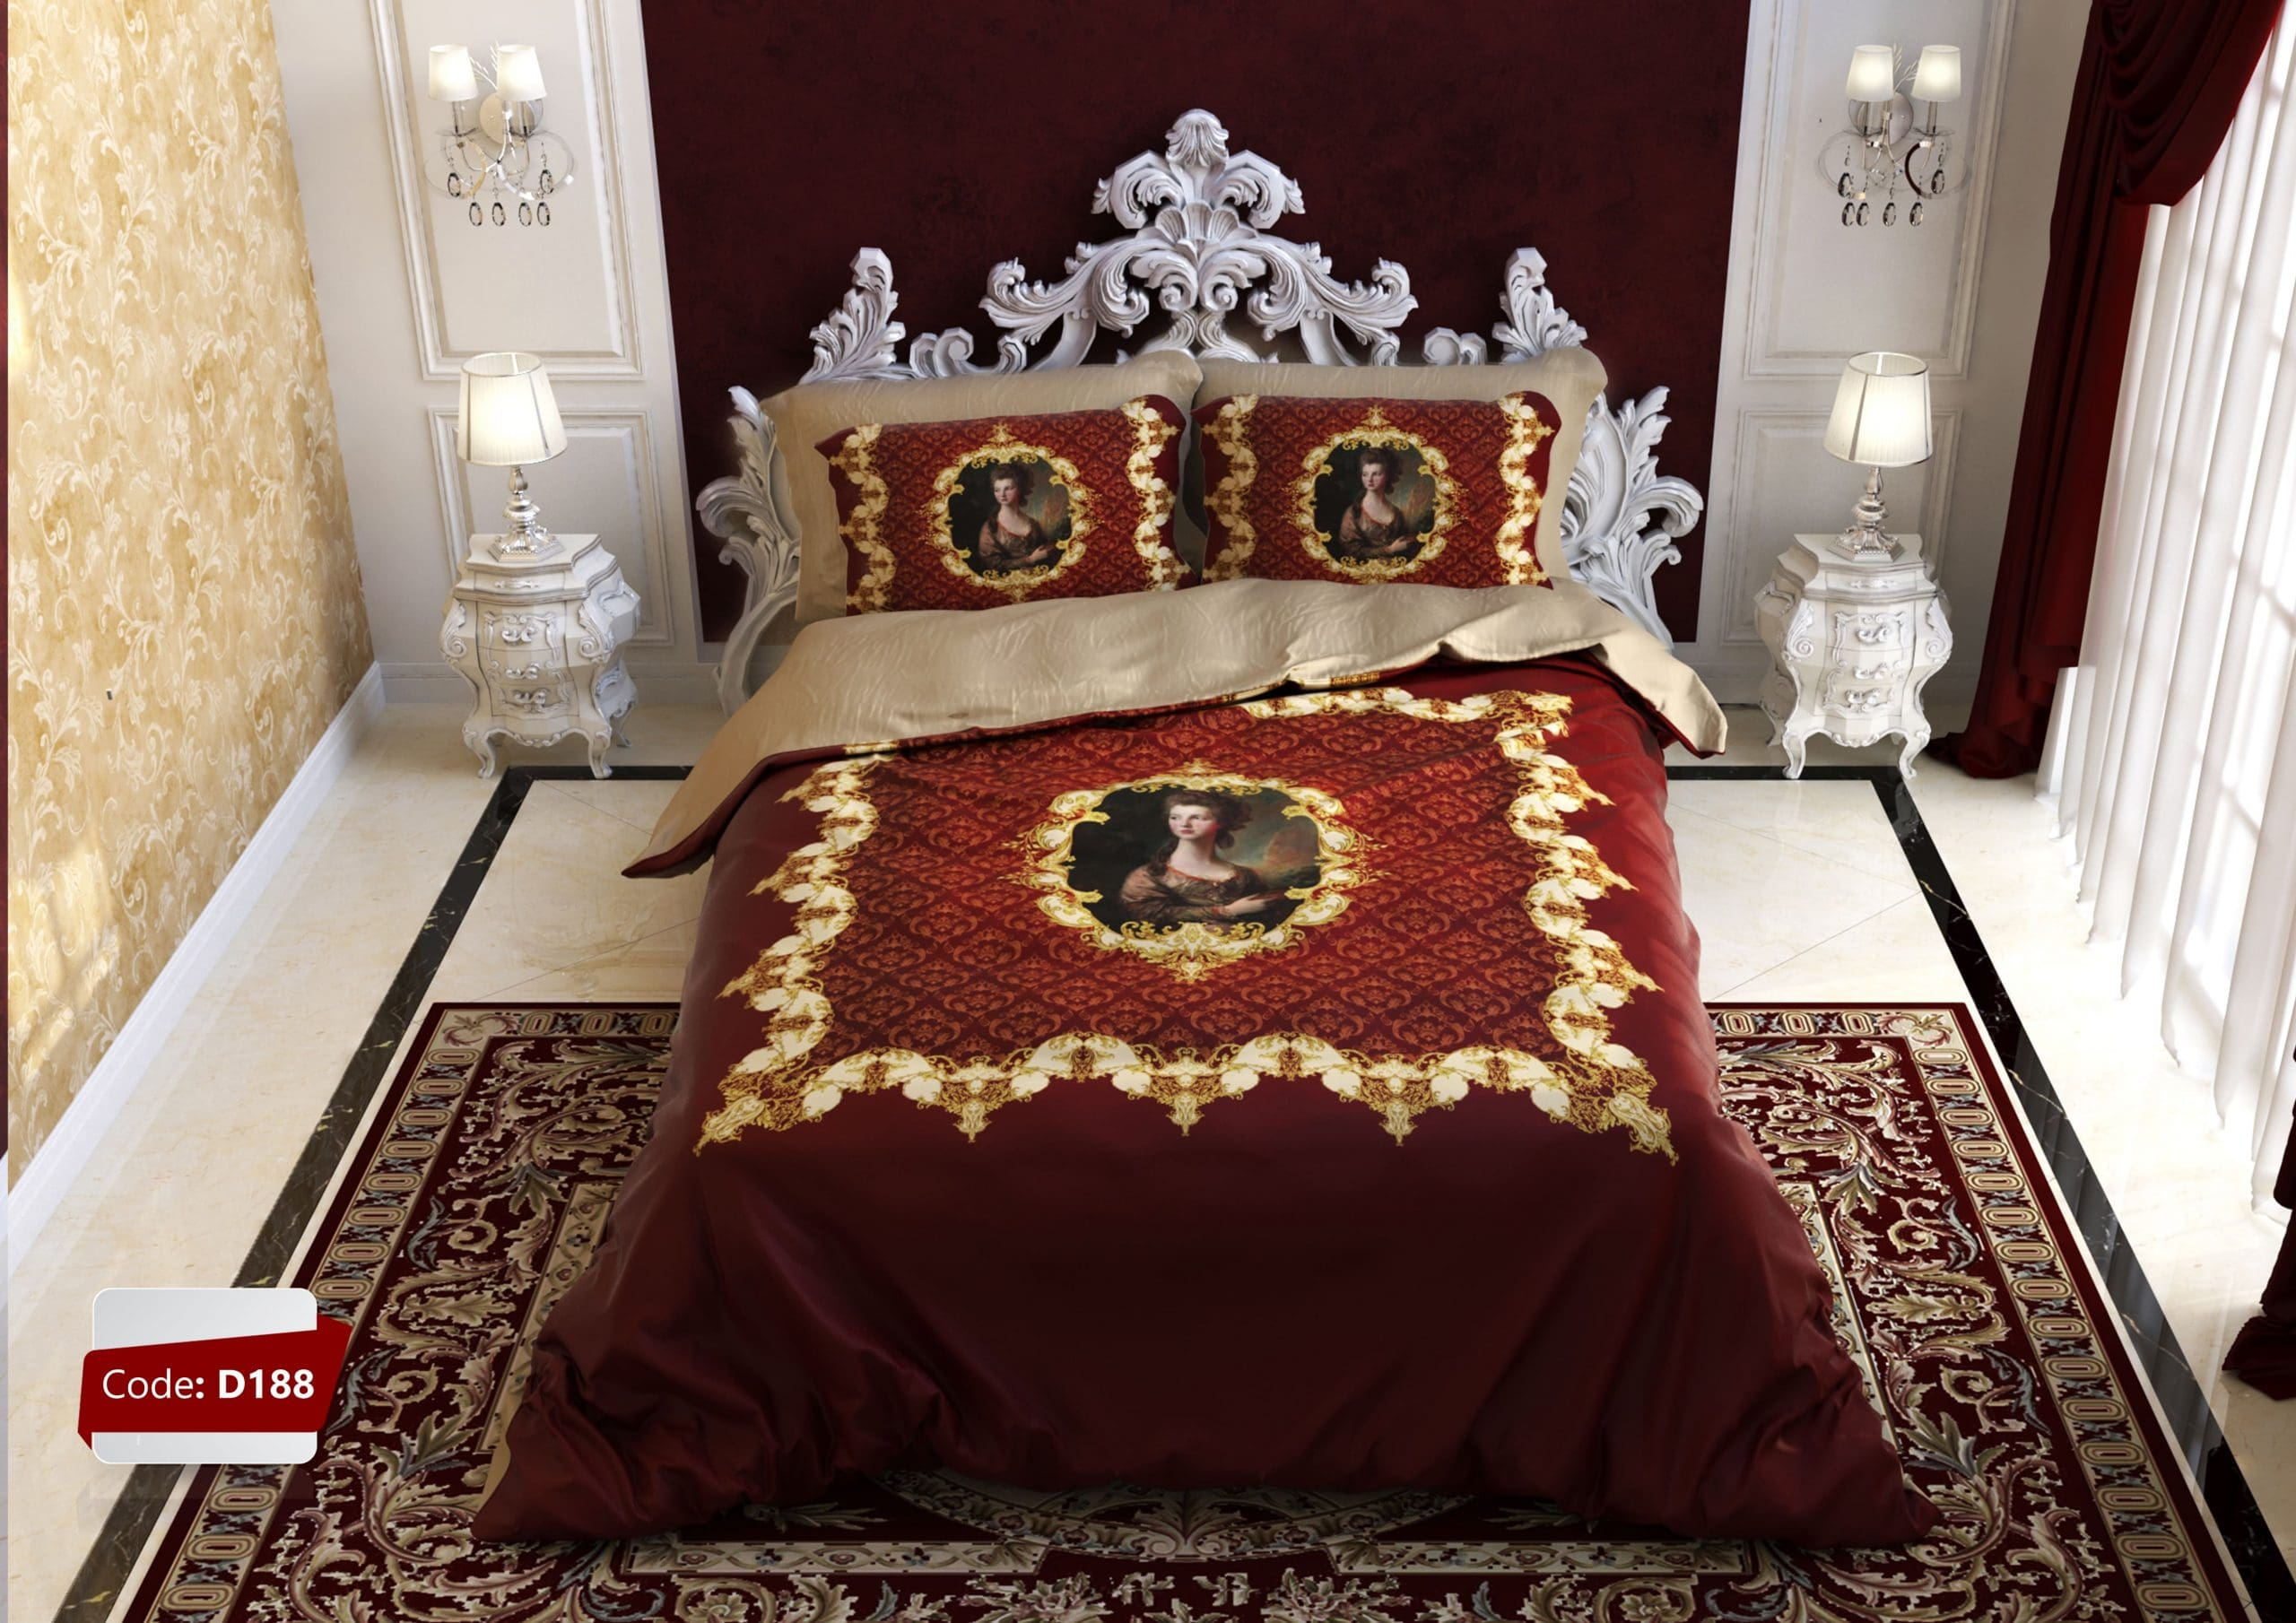 ترکیب قهوه ای و قرمز - ست کردن رنگ روتختی با تخت قهوه ای   کالای خواب بدروم